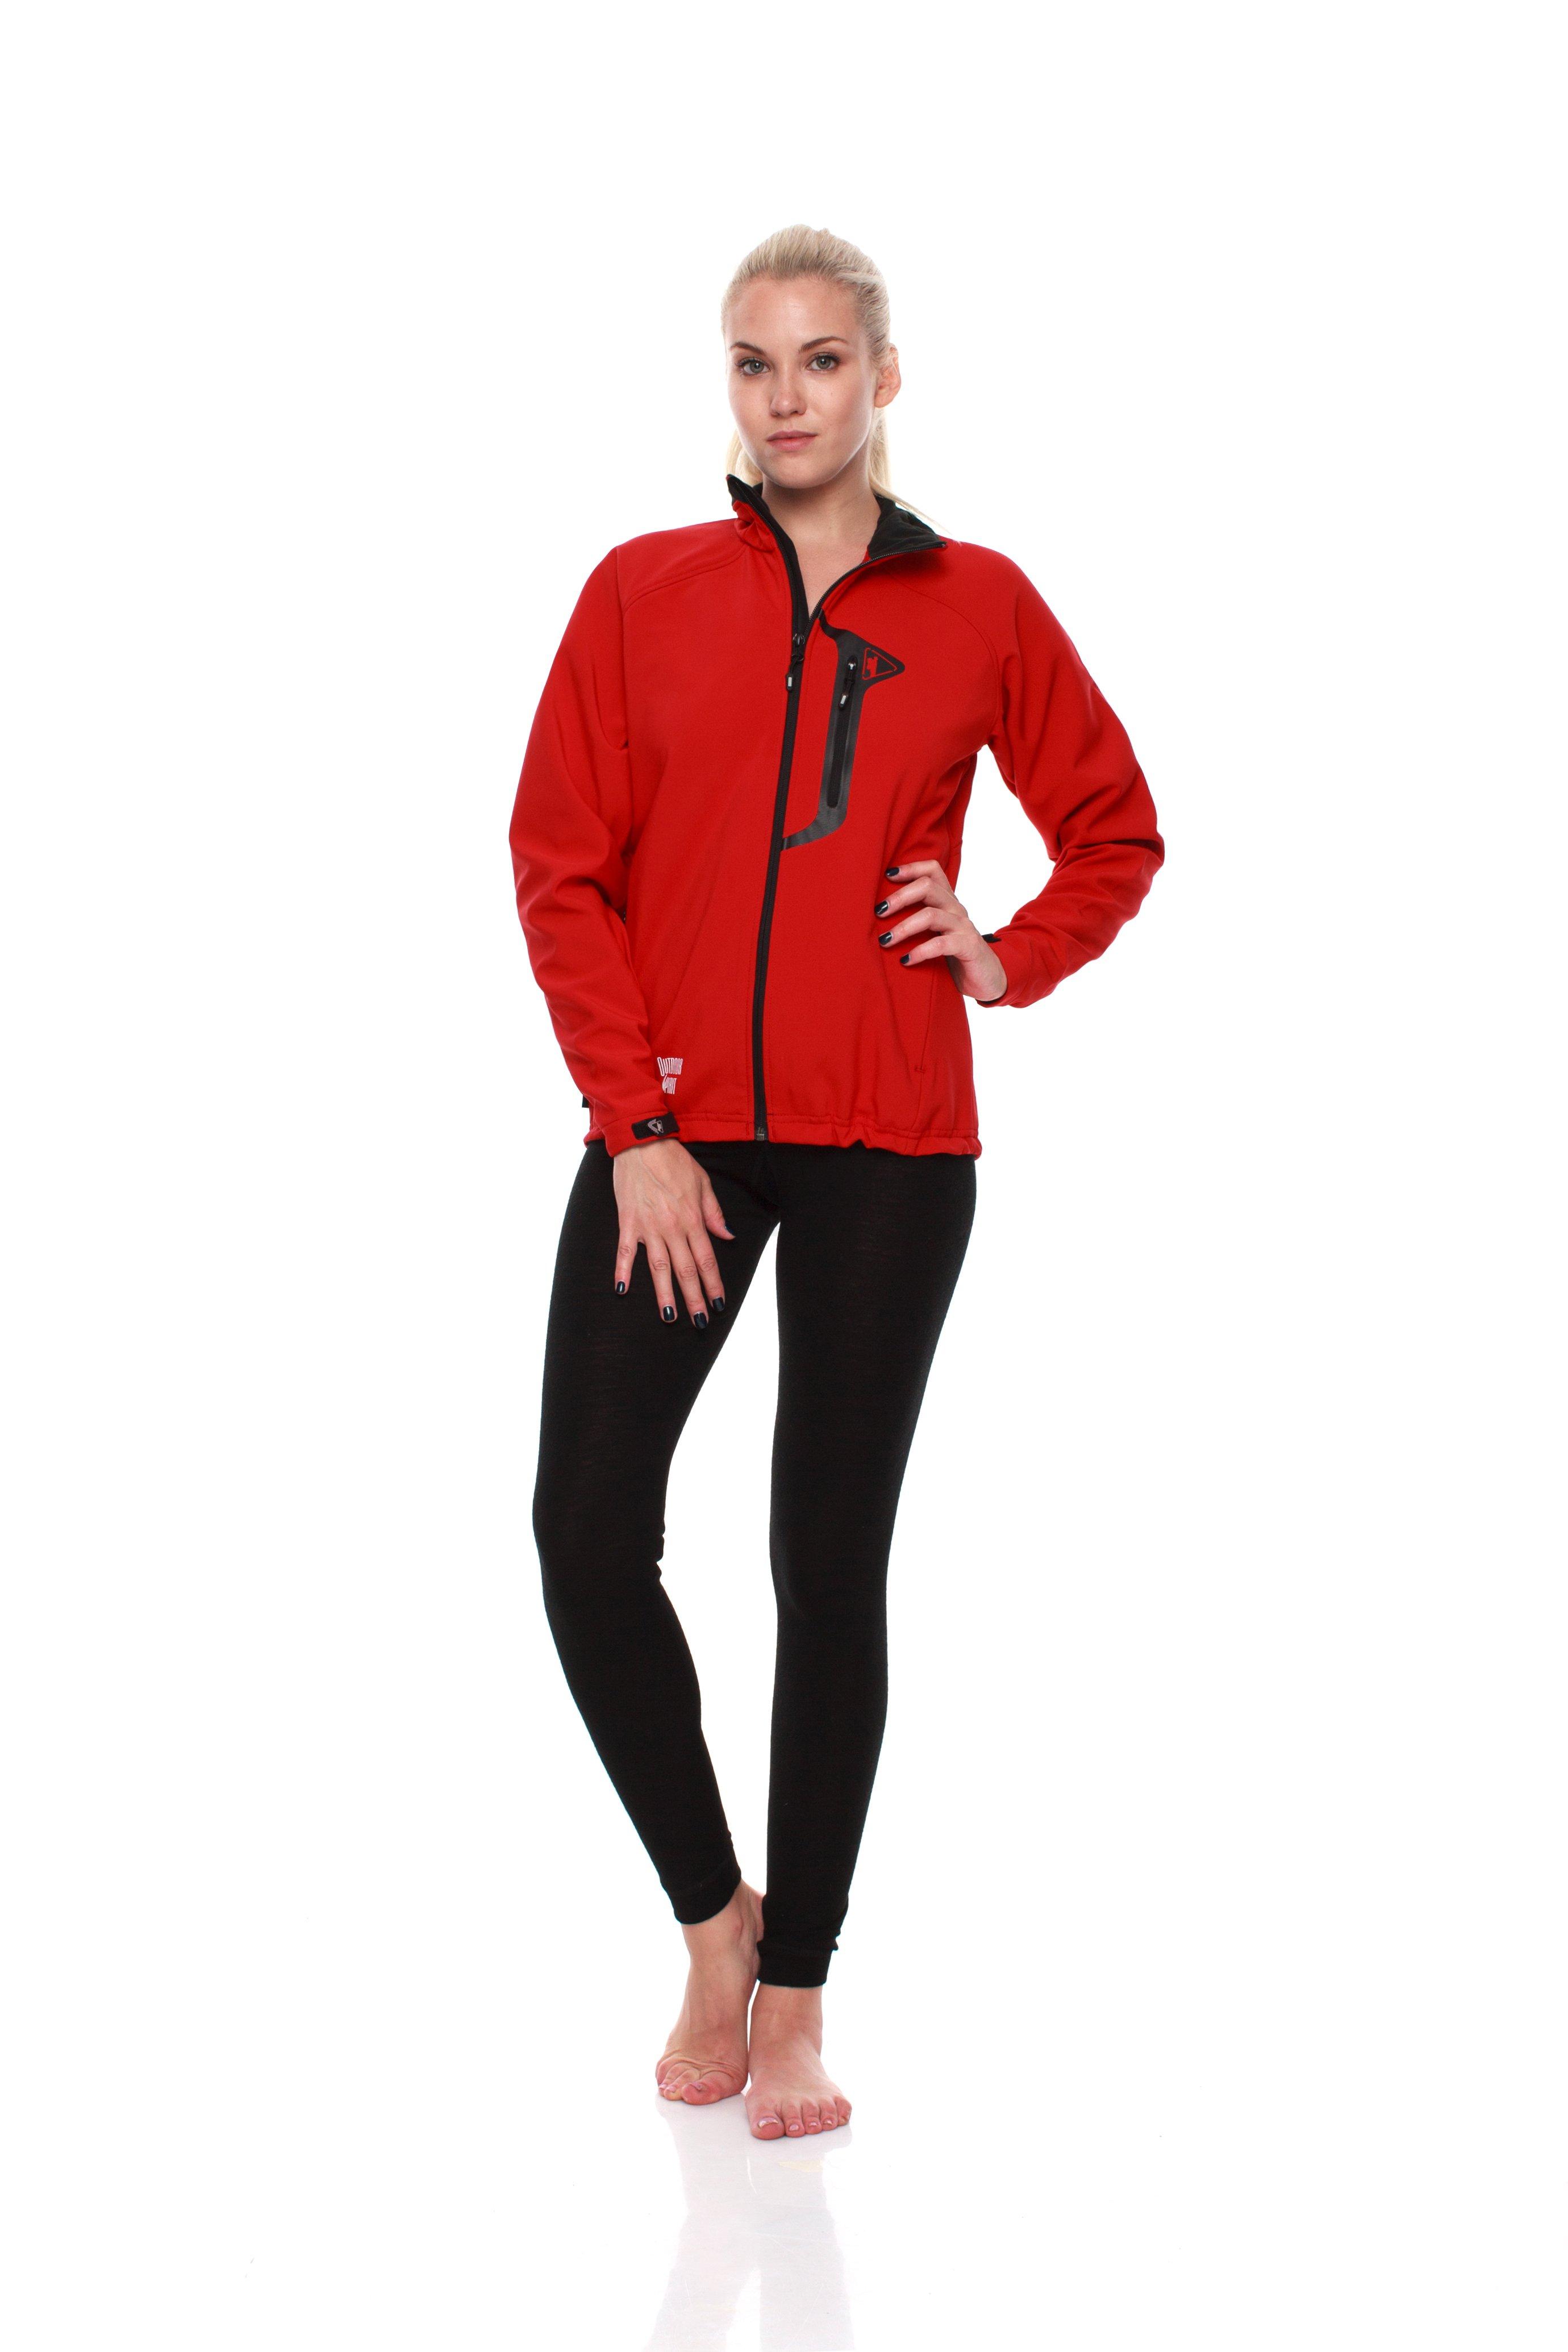 Куртка BASK TIDY Lady 3884Приталенная куртка из Advance&amp;reg; Soft Shell. Сочетает в себе защитные функции штормовой куртки и комфорт мягкого флиса.&amp;nbsp;<br><br>Верхняя ткань: Advance® Soft Shell<br>Вес граммы: 590<br>Ветро-влагозащитные свойства верхней ткани: Нет<br>Ветрозащитная планка: Нет<br>Ветрозащитная юбка: Нет<br>Влагозащитные молнии: Нет<br>Внутренние манжеты: Нет<br>Дублирующий центральную молнию клапан: Нет<br>Защитный козырёк капюшона: Нет<br>Капюшон: Нет<br>Карман для средств связи: Нет<br>Количество внешних карманов: 3<br>Объемный крой локтевой зоны: Нет<br>Отстёгивающиеся рукава: Нет<br>Пол: Жен.<br>Проклейка швов: Нет<br>Регулировка манжетов рукавов: Да<br>Регулировка низа: Да<br>Регулировка объёма капюшона: Нет<br>Регулировка талии: Нет<br>Регулируемые вентиляционные отверстия: Нет<br>Световозвращающая лента: Нет<br>Технология Thermal Welding: Нет<br>Тип молнии: влагостойкая ламинированная<br>Усиление контактных зон: Нет<br>Размер INT: M<br>Цвет: ЧЕРНЫЙ